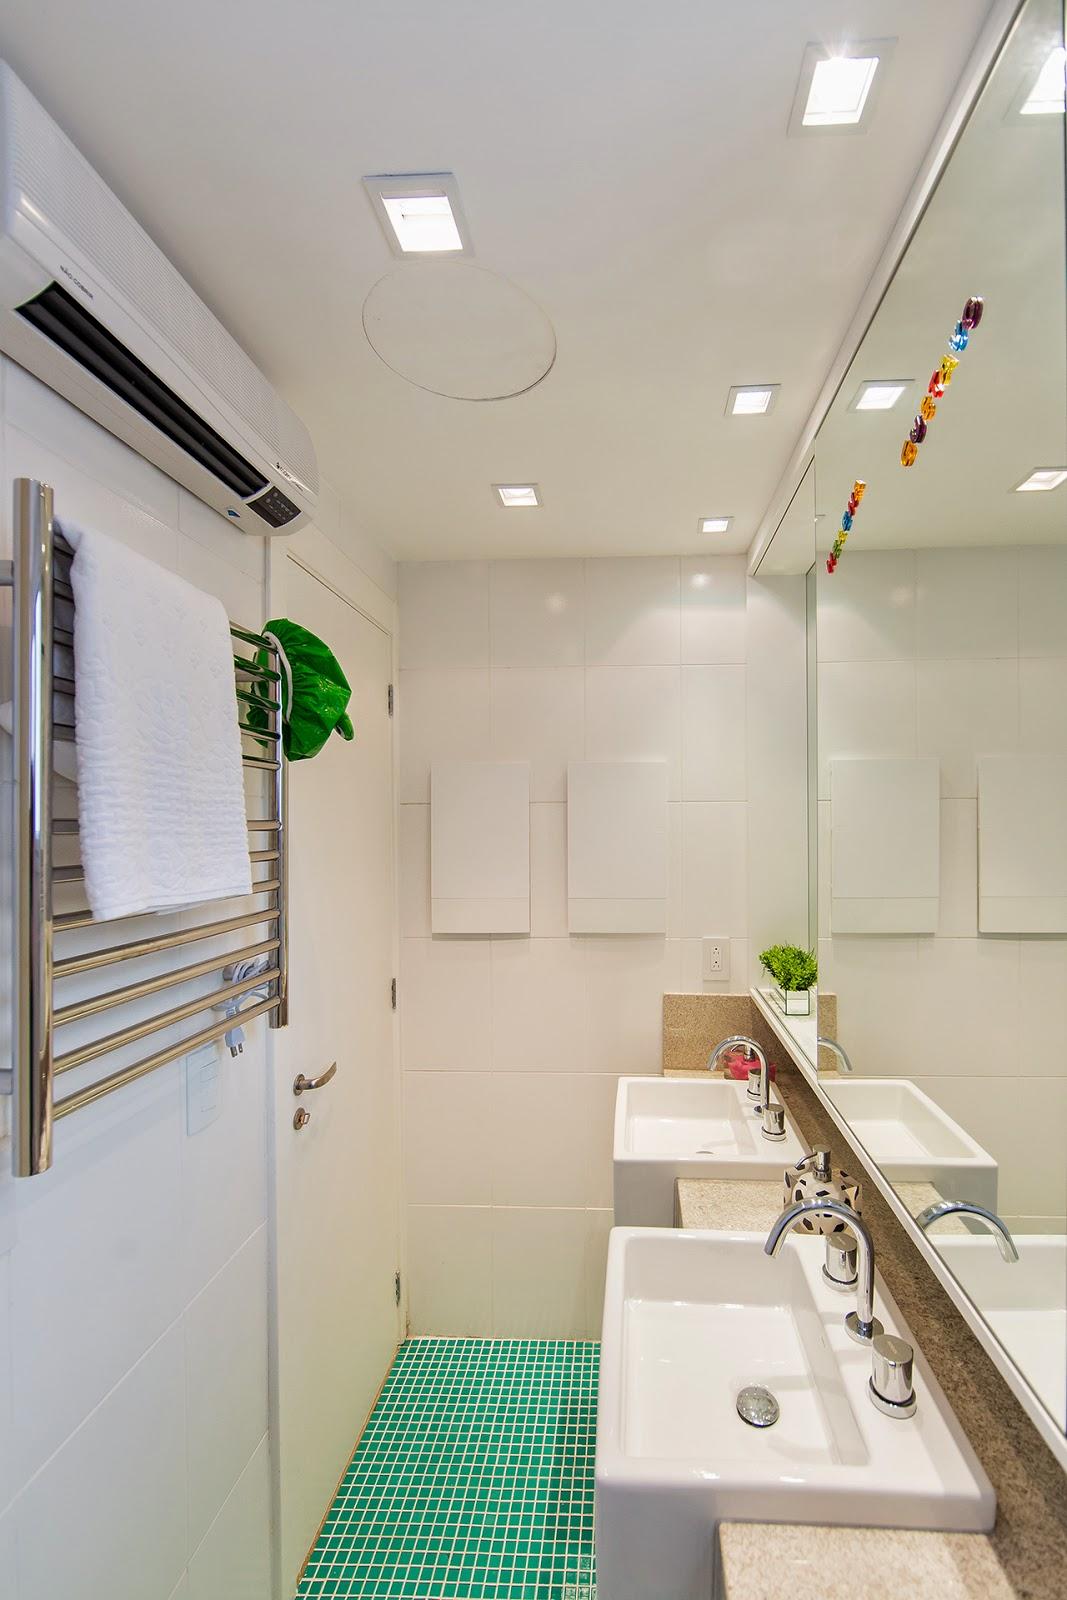 Imagens de #379171 patricia roque mariante: Projeto de Banheiro das Crianças 1067x1600 px 2776 Box Banheiro Nh